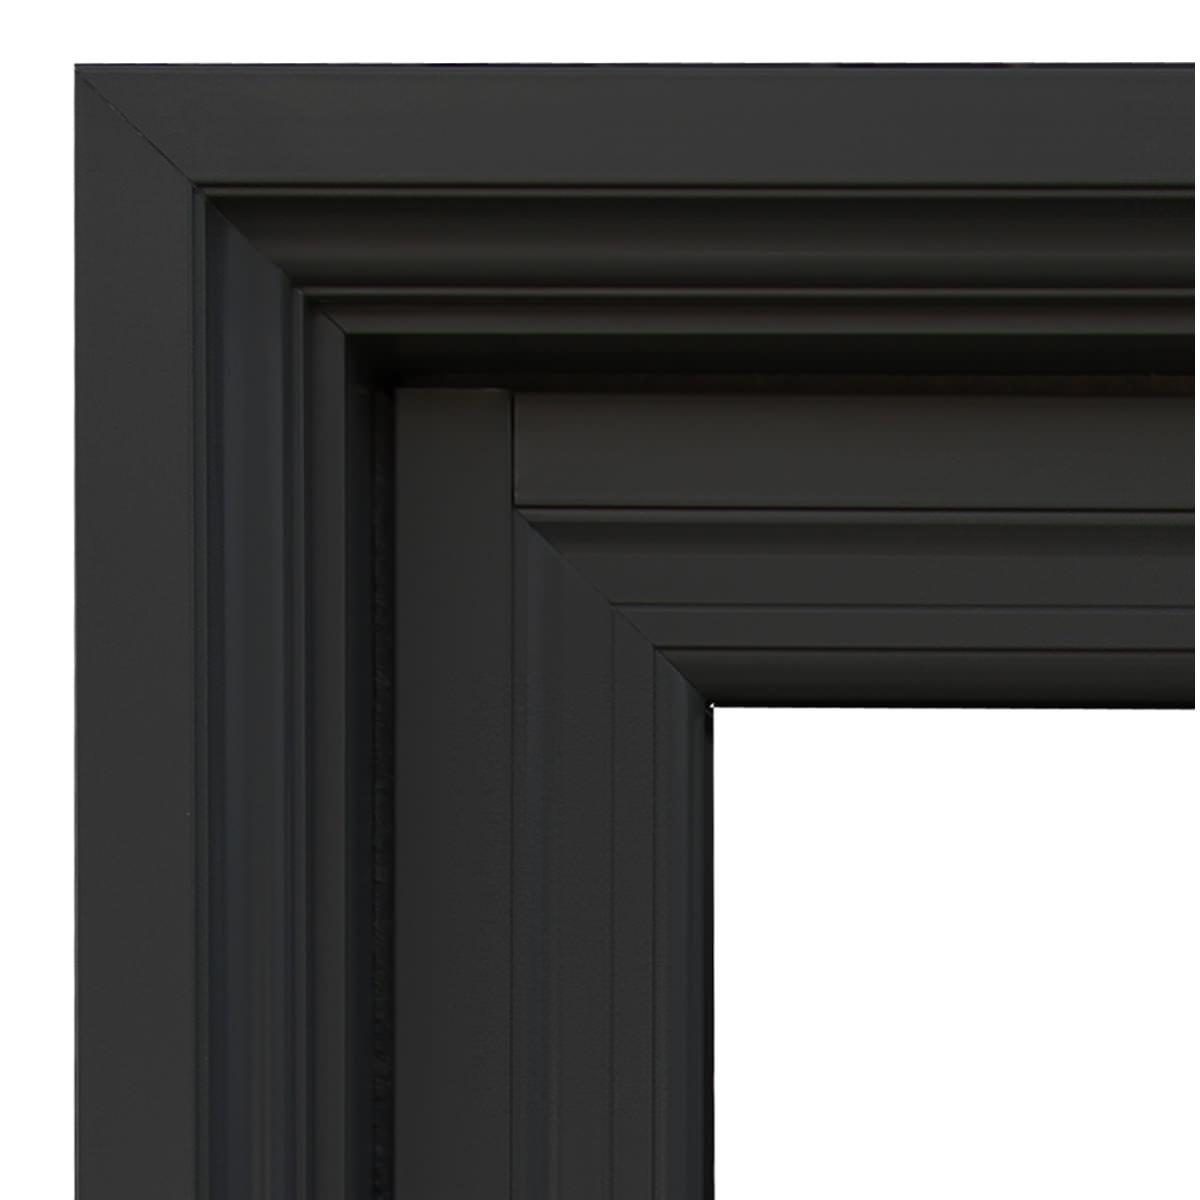 A zoom in of a dark Alumhybrid casement window